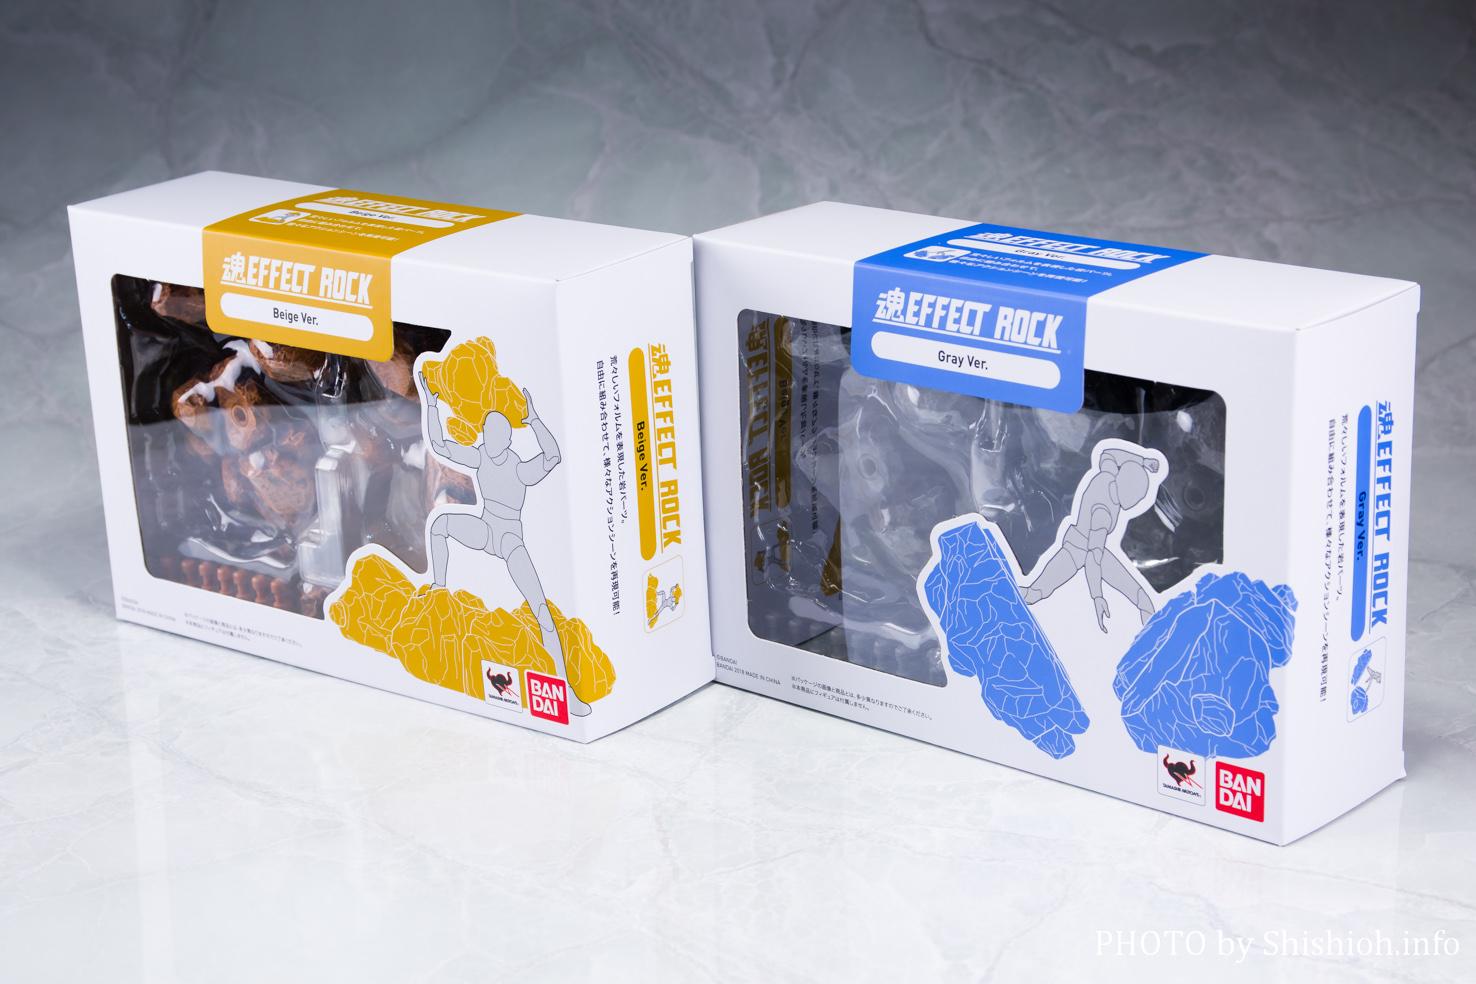 魂EFFECTシリーズ ROCK Gray Ver./Beige Ver.